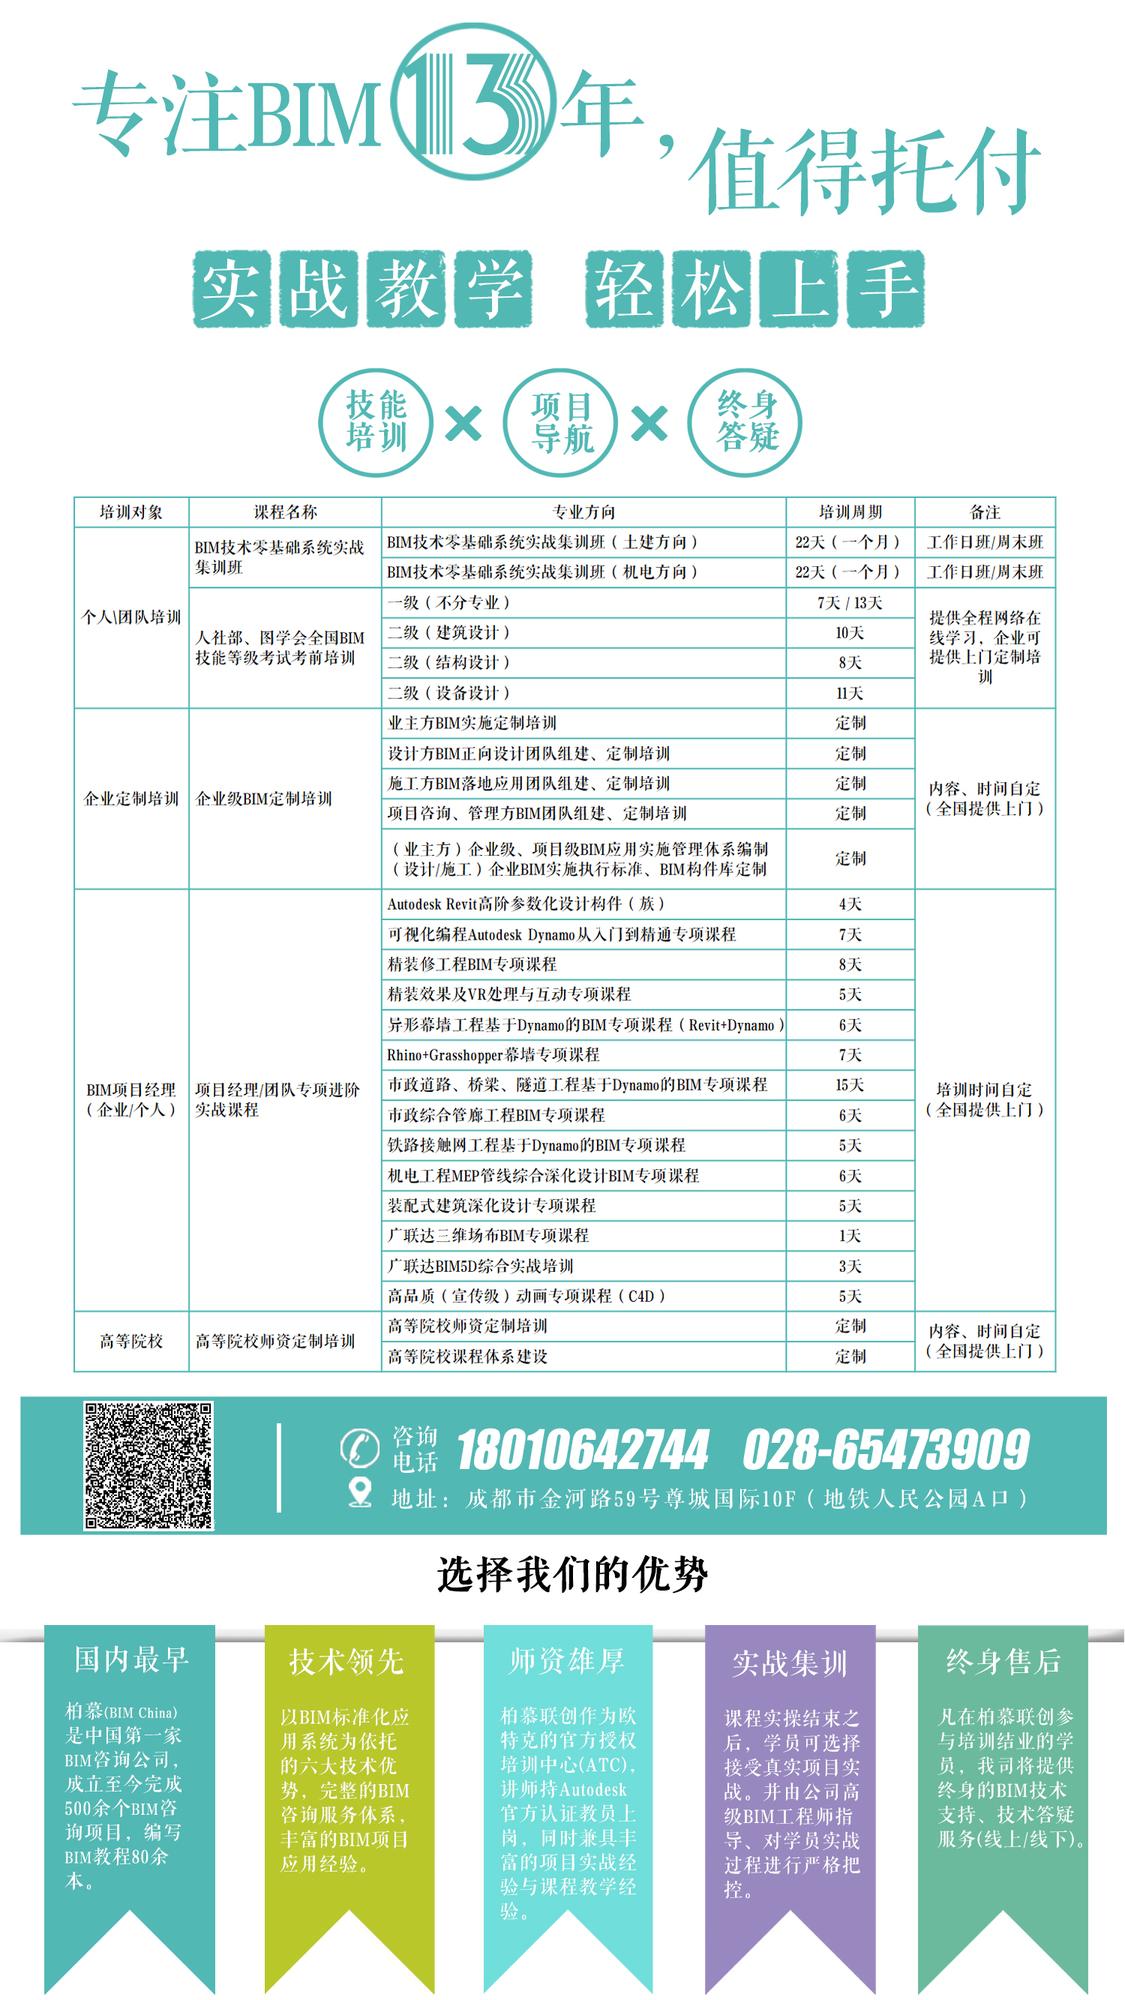 柏慕聯創簡介與培訓課程清單宣傳冊-手機海報-2021版.jpg